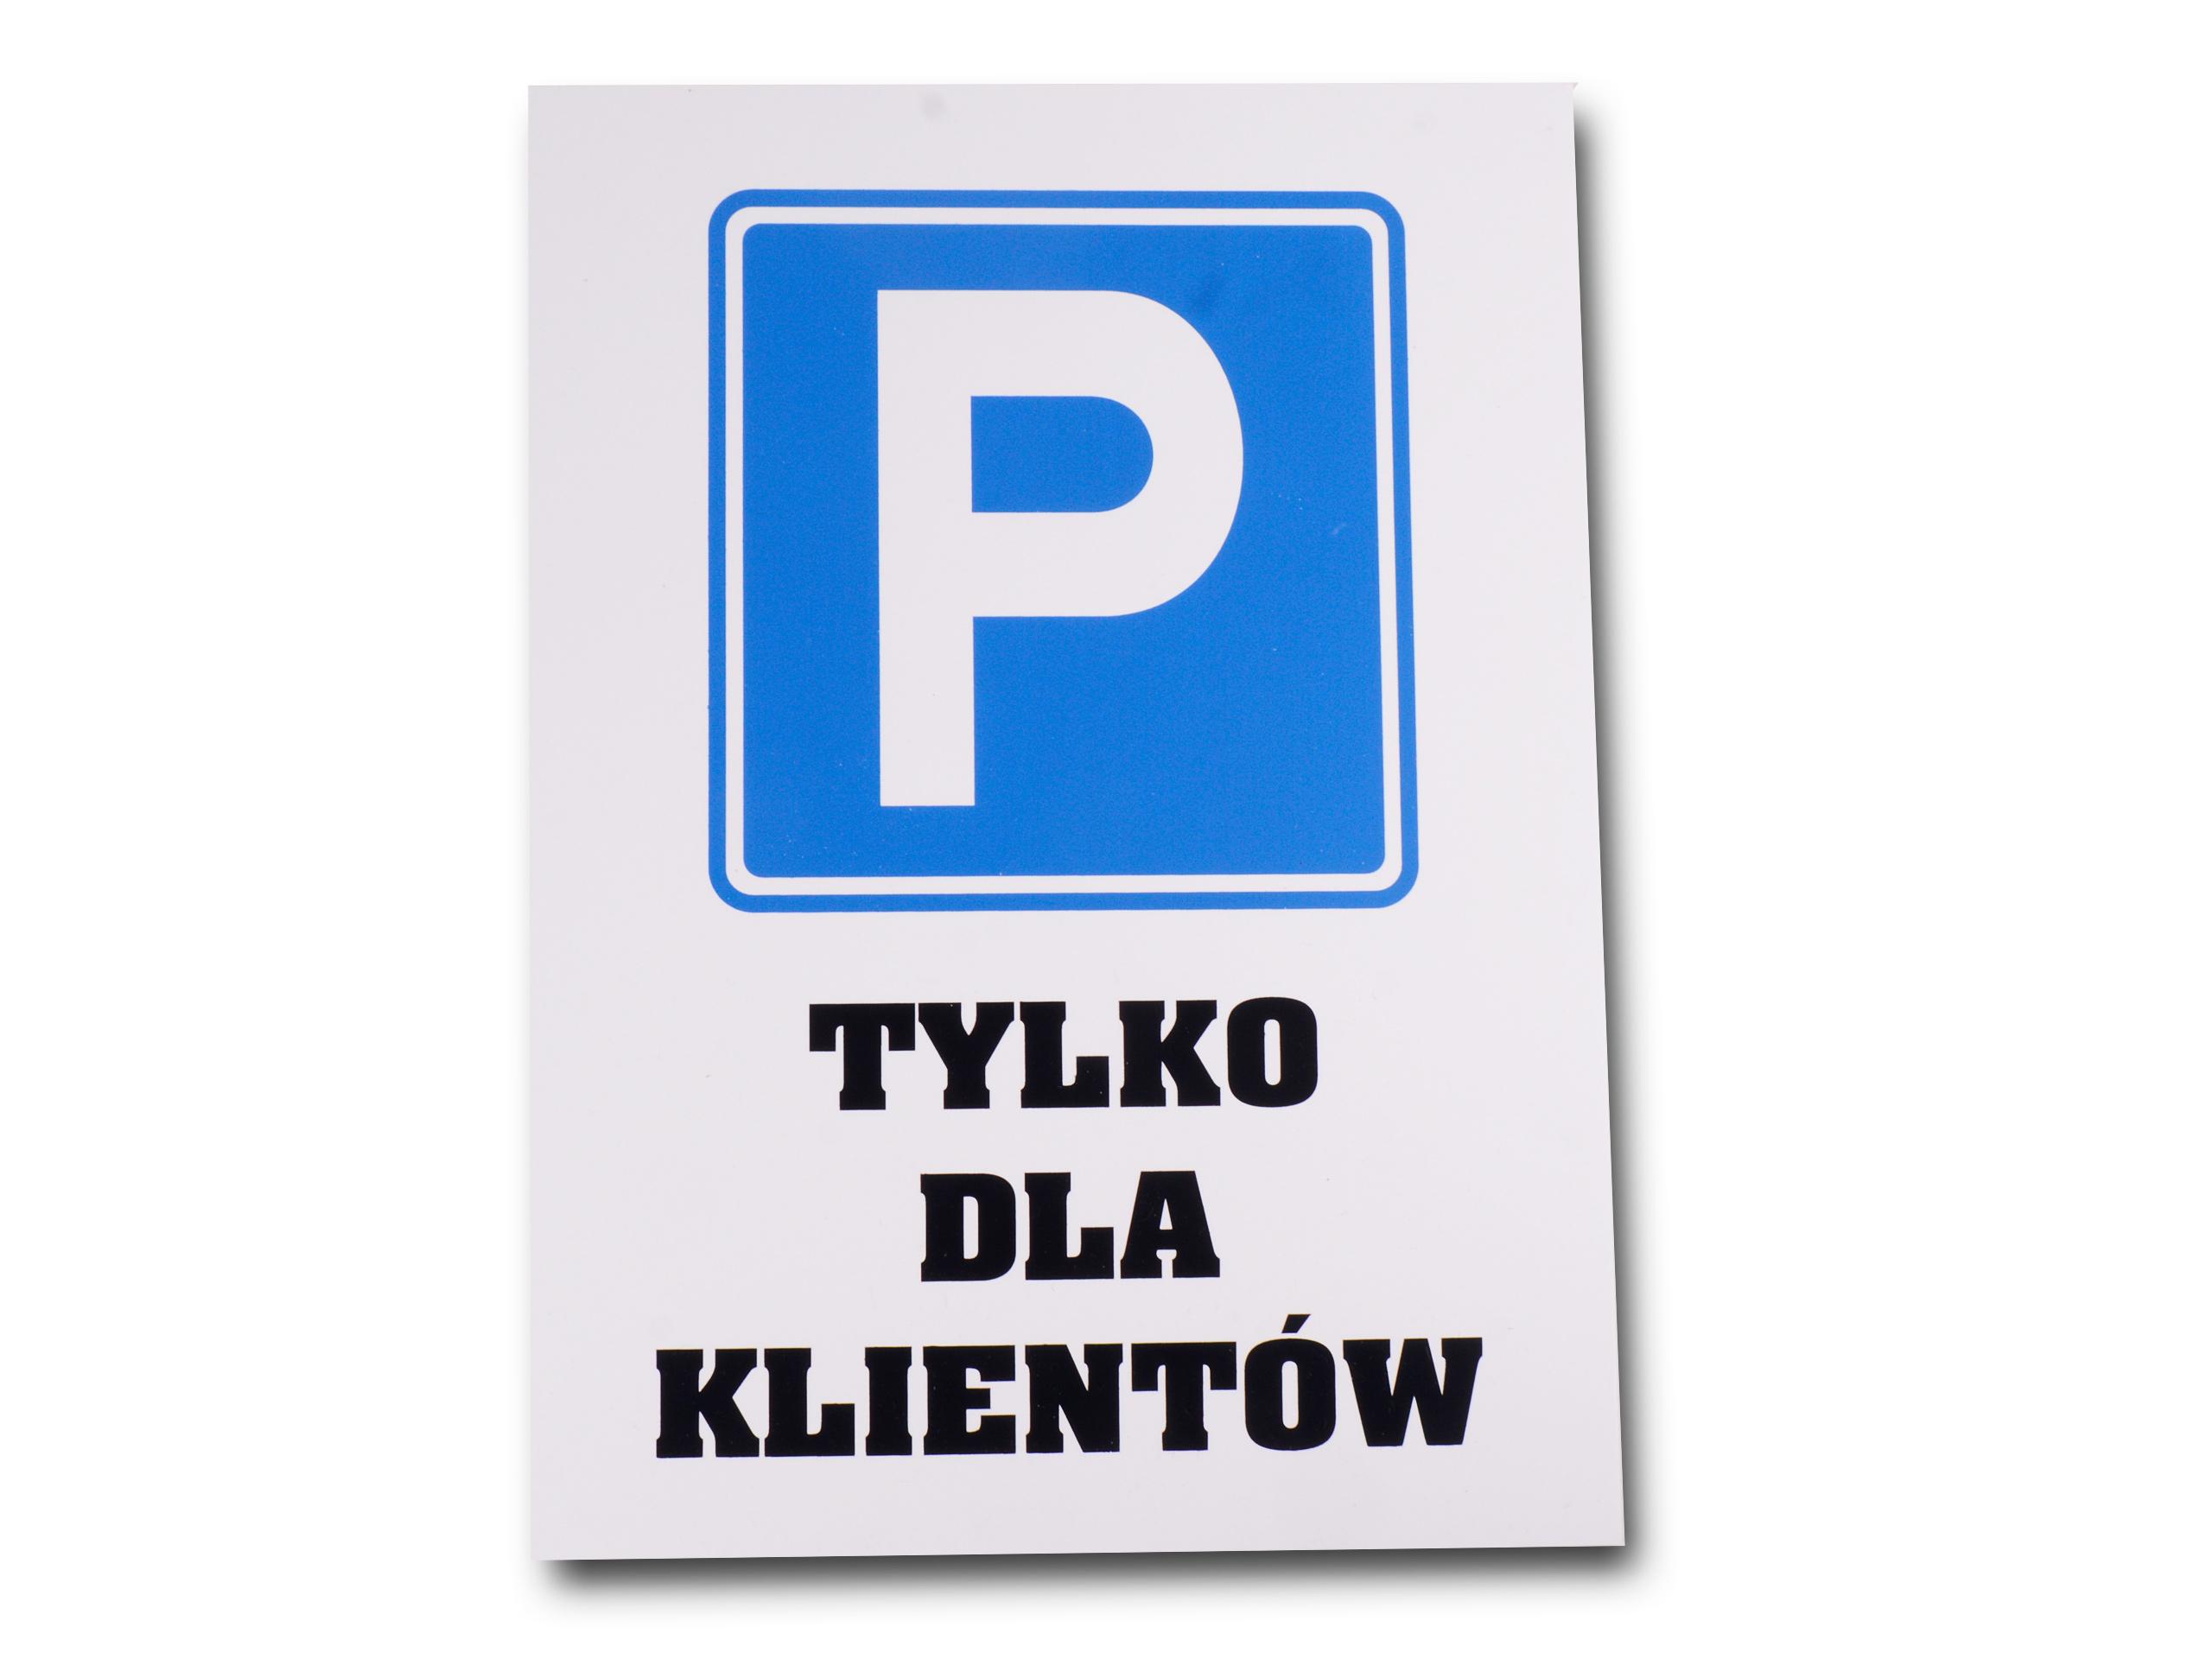 Stolový stôl Parkovanie znamenie len pre zákazníkov